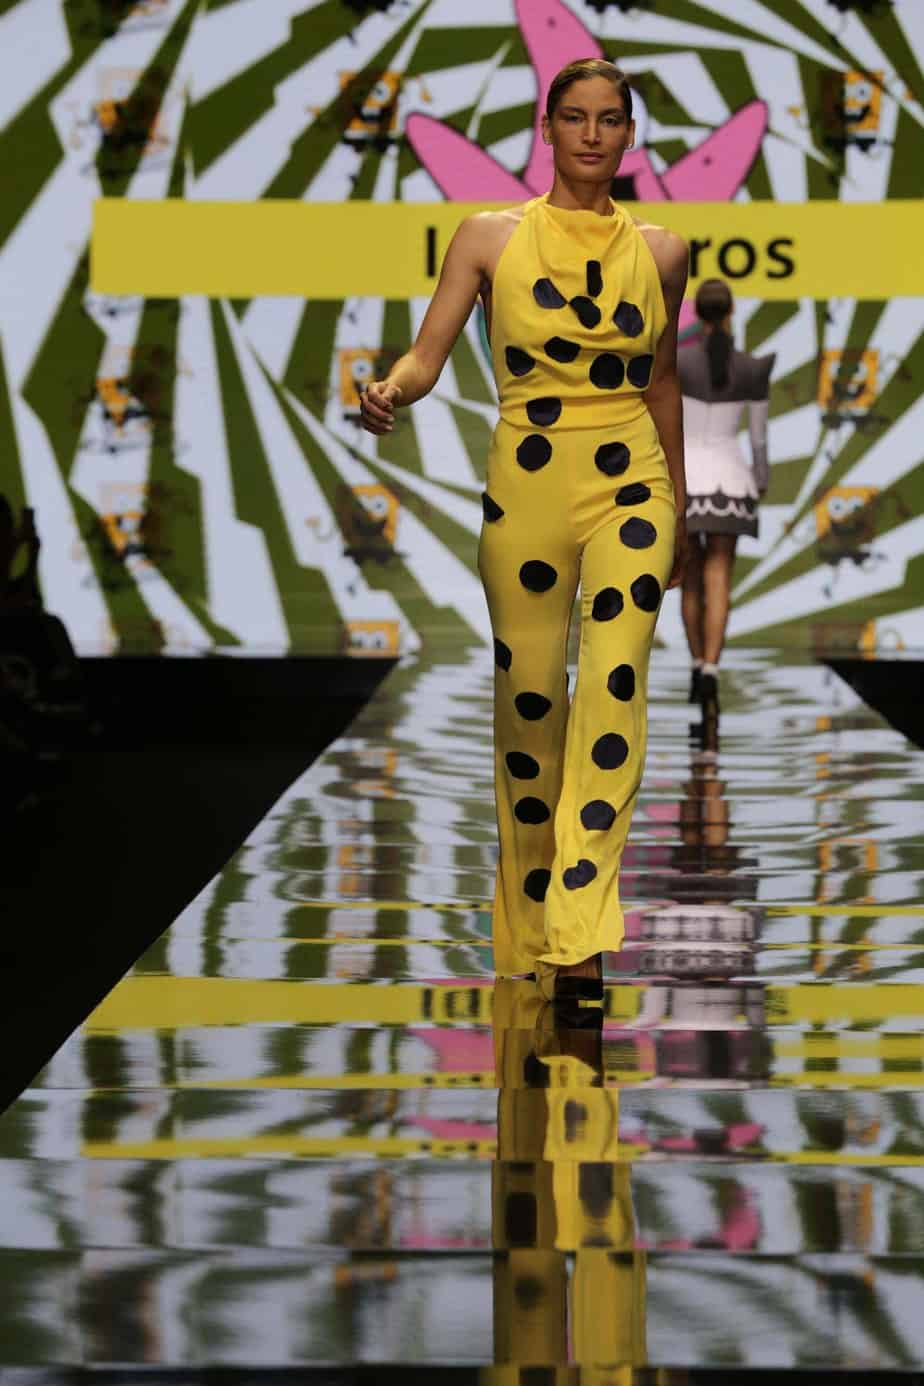 שרון גניש, תצוגת בובספוג. שבוע האופנה תל אביב 2019. צילום אבי ולדמן, רפי דלויה. באדיבות ערוץ האופנה הישראלי -7